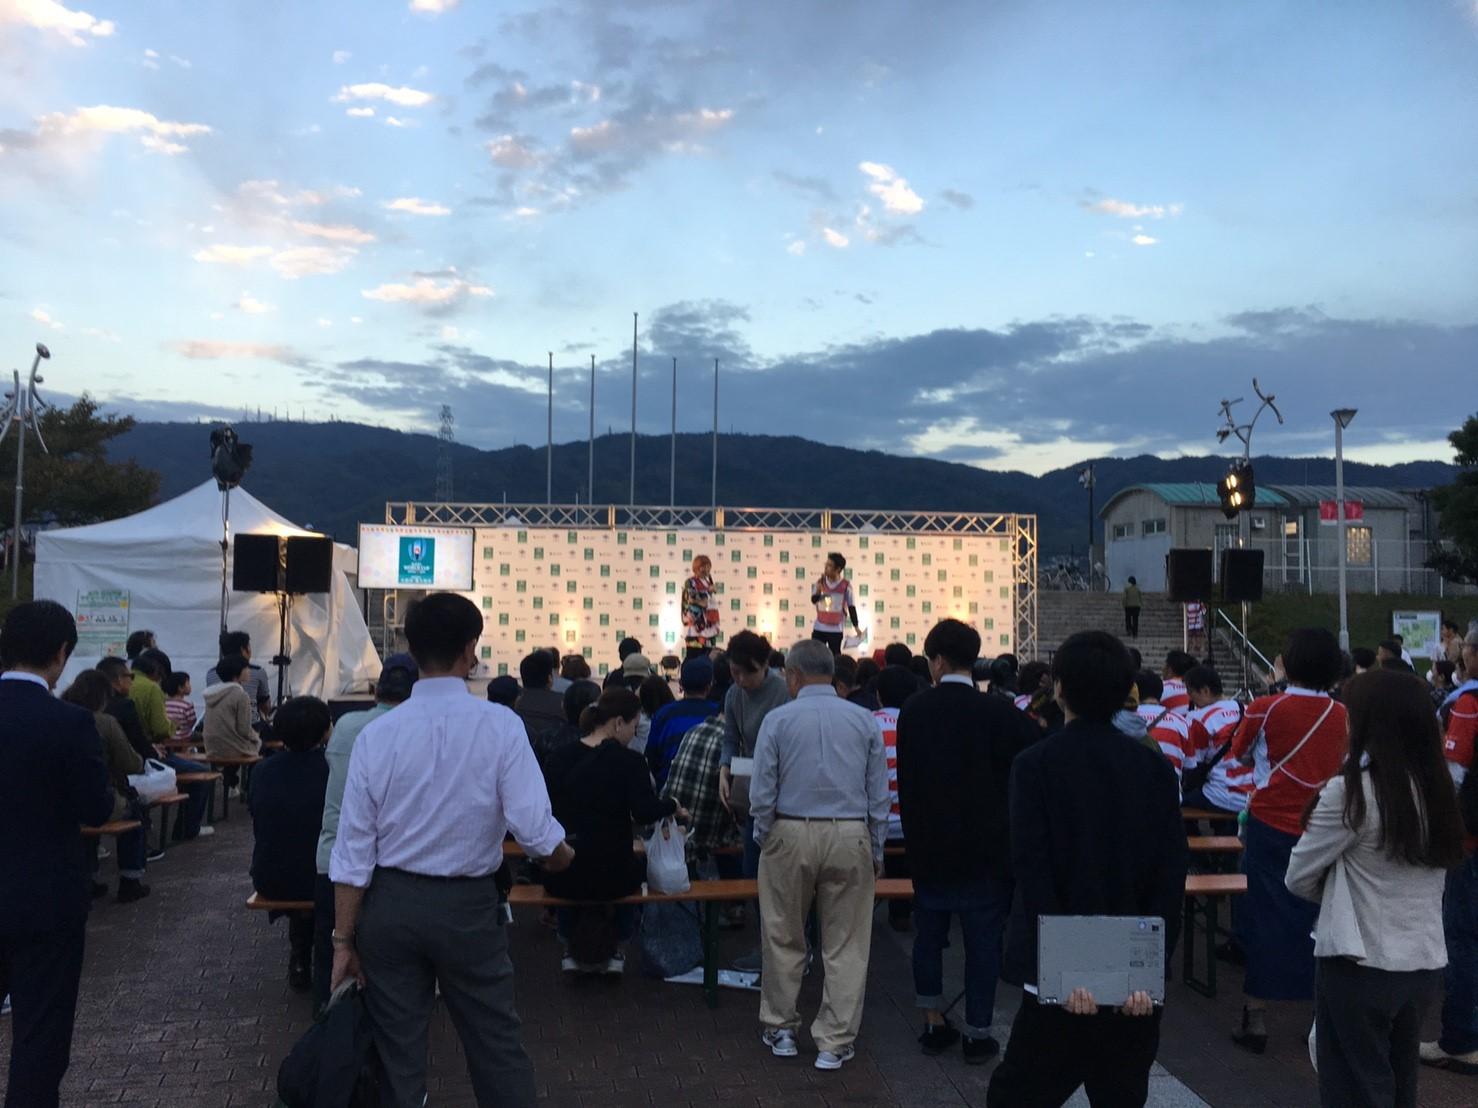 大阪・花園開催 ラグビーワールドカップ ファンゾーン